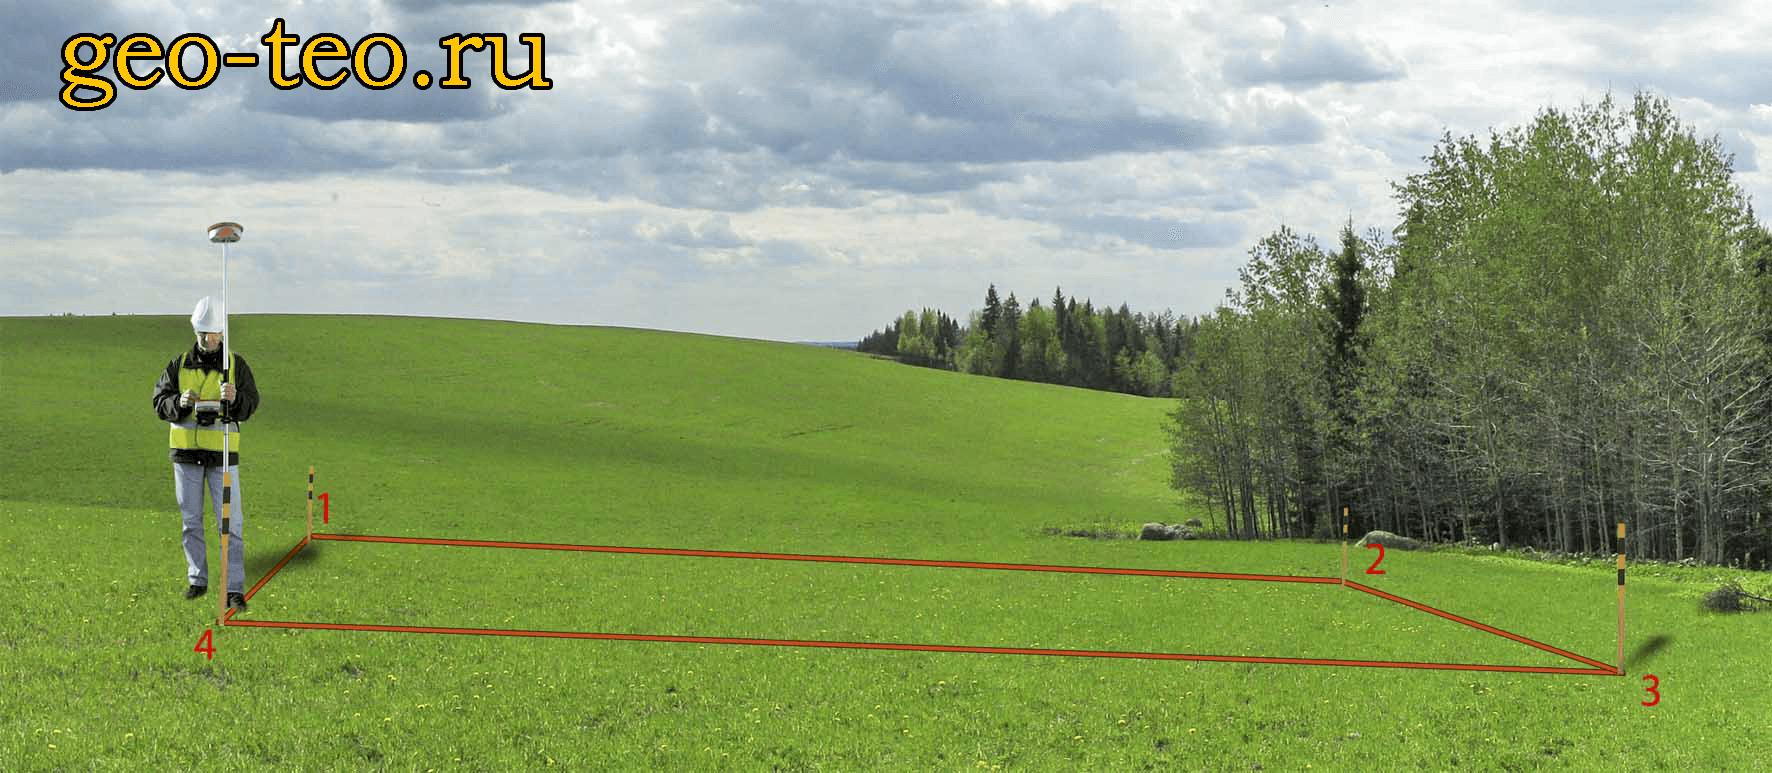 Вынос в натуру границ земельного участка - фото